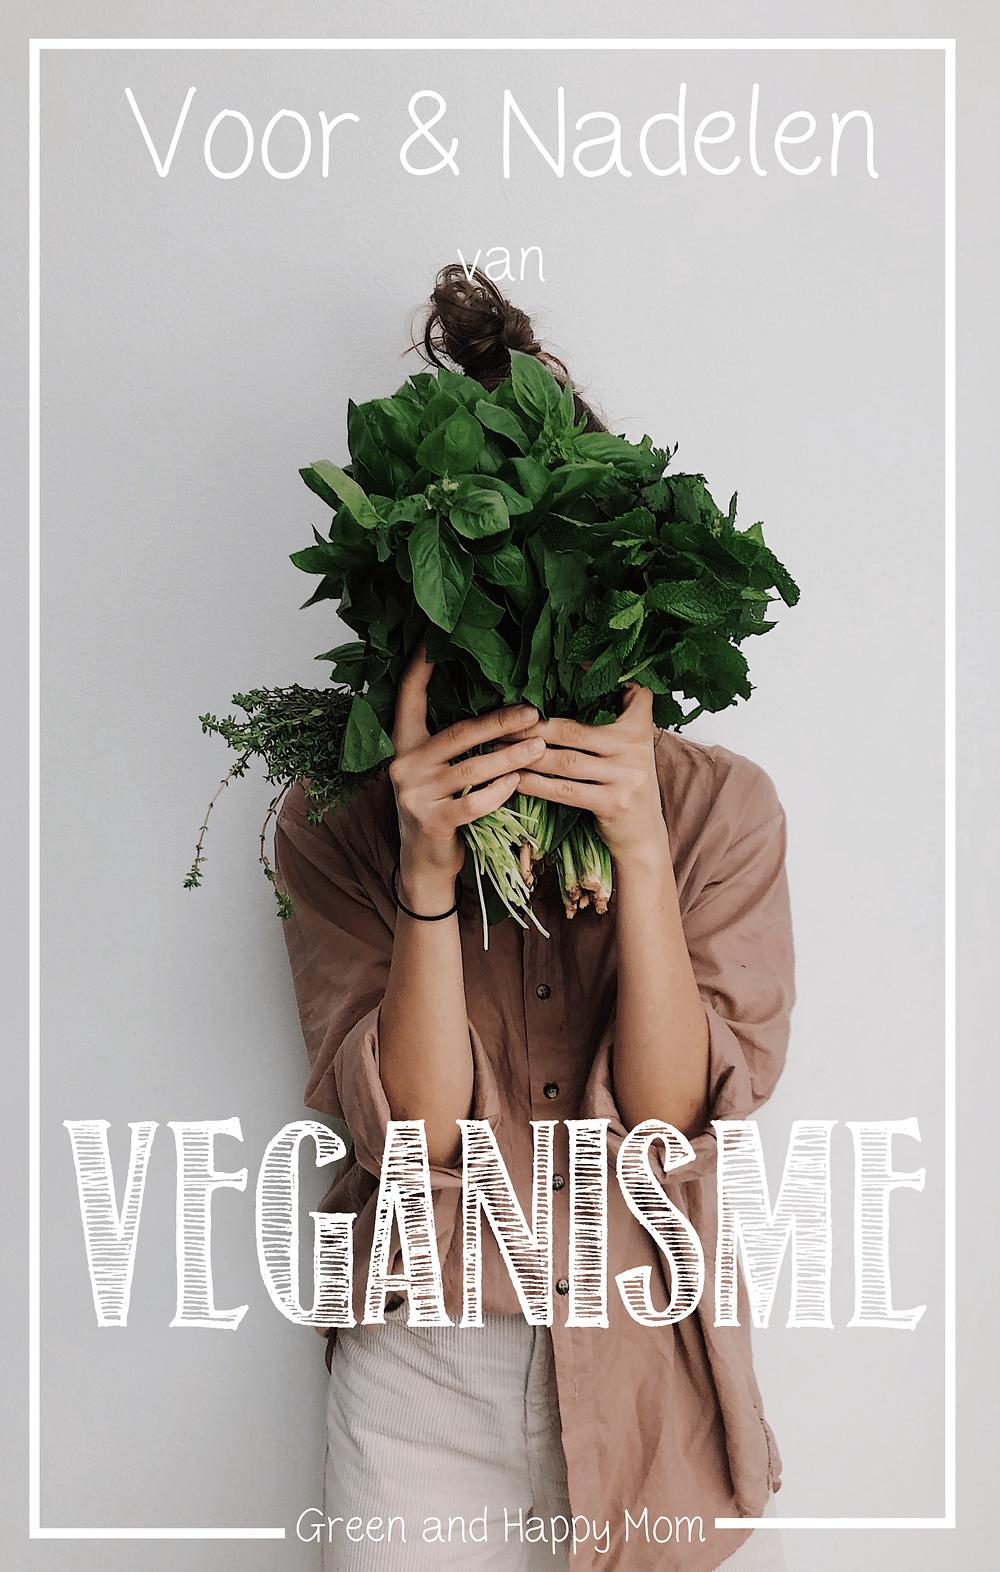 voor en nadelen van veganisme